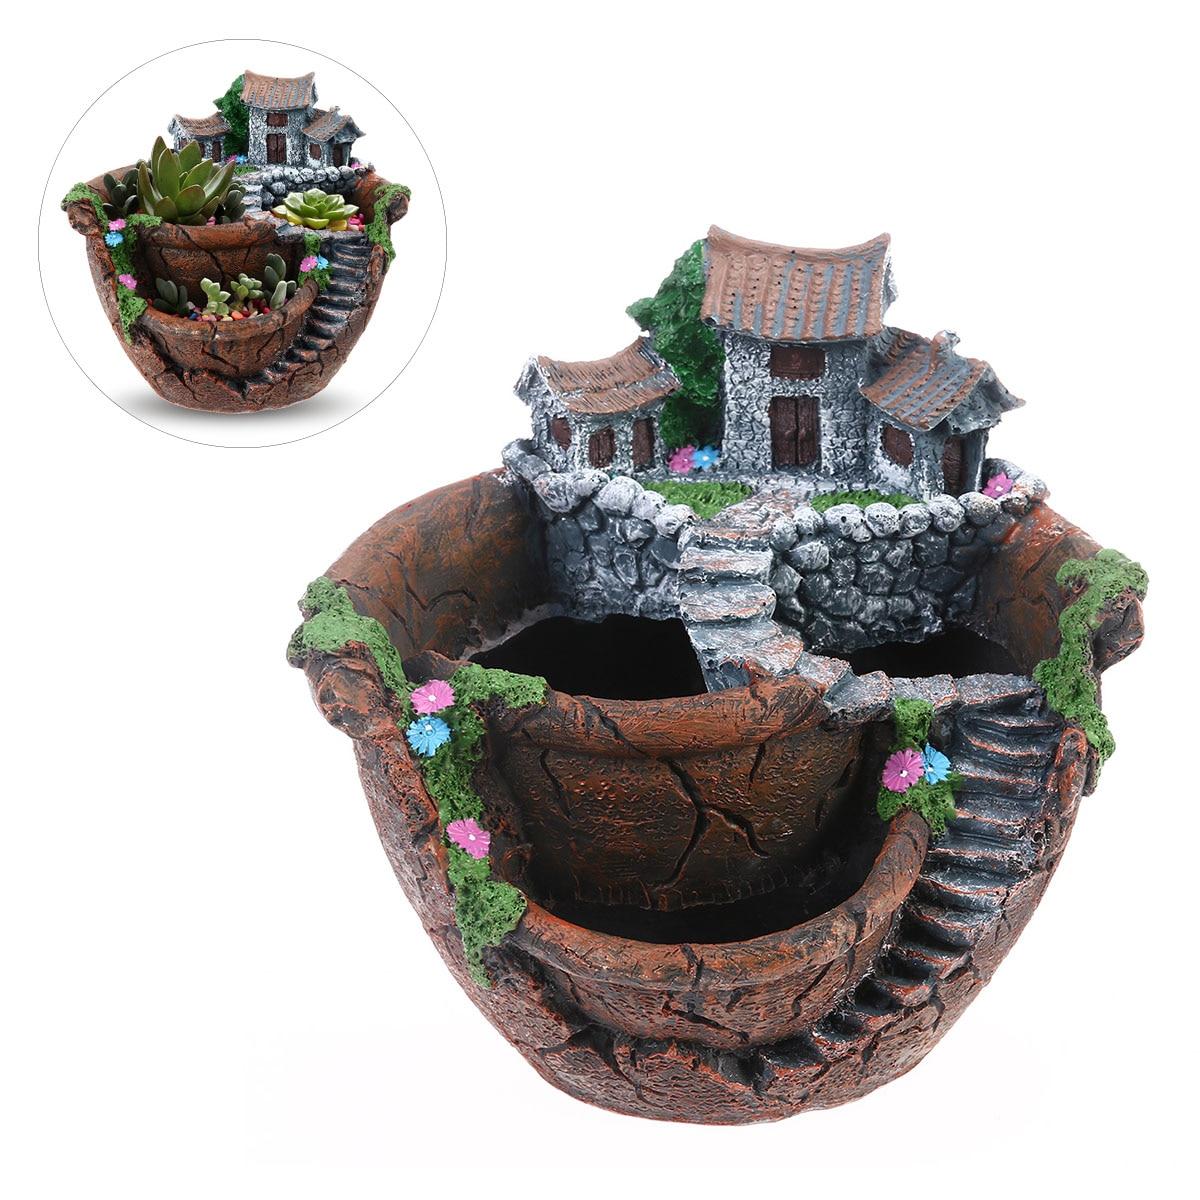 Micro Landscape Artificial Flowers Succulent Plants Pot Tiny Creative Flower Pot Holders Sweet House Garden Decoration